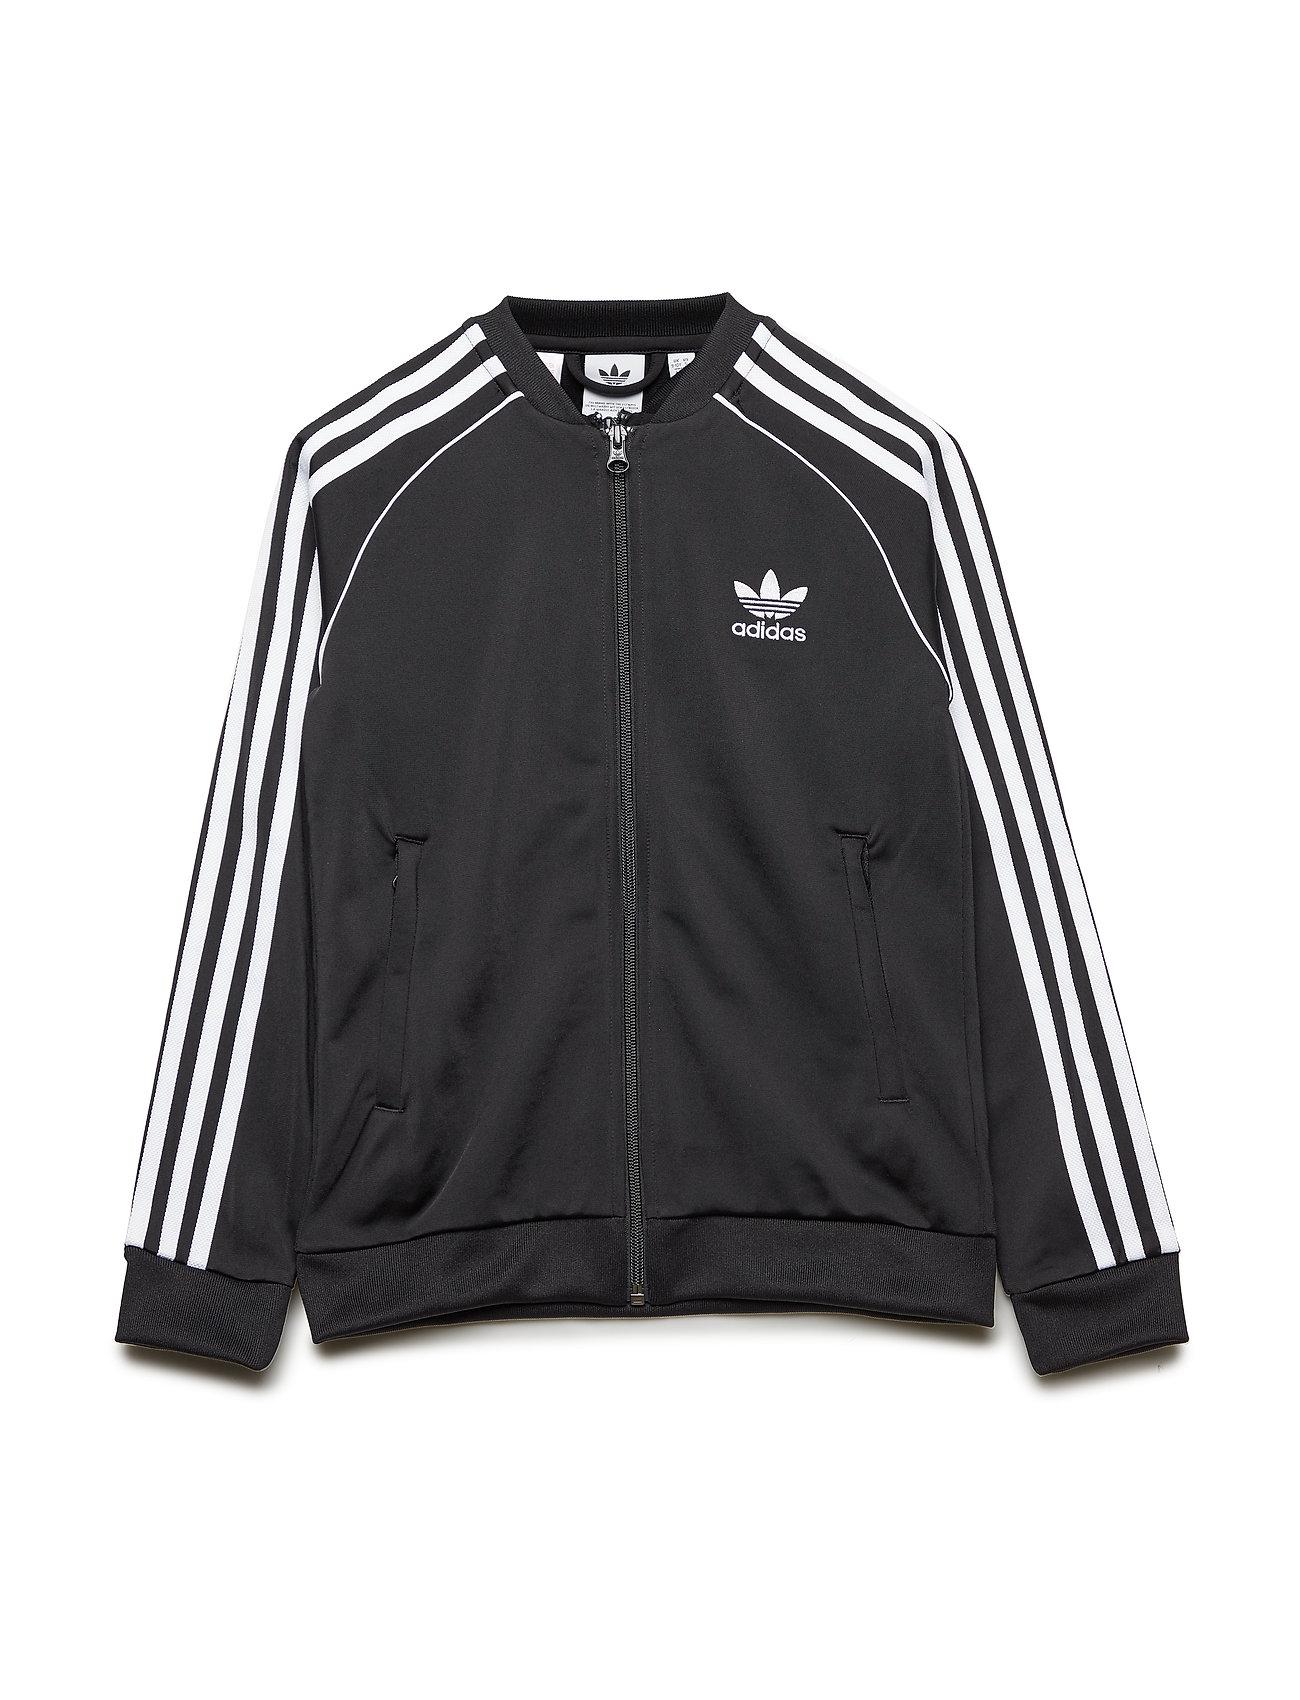 644694c0b93 Adidas sweatshirts – Superstar Top til børn i Sort - Pashion.dk